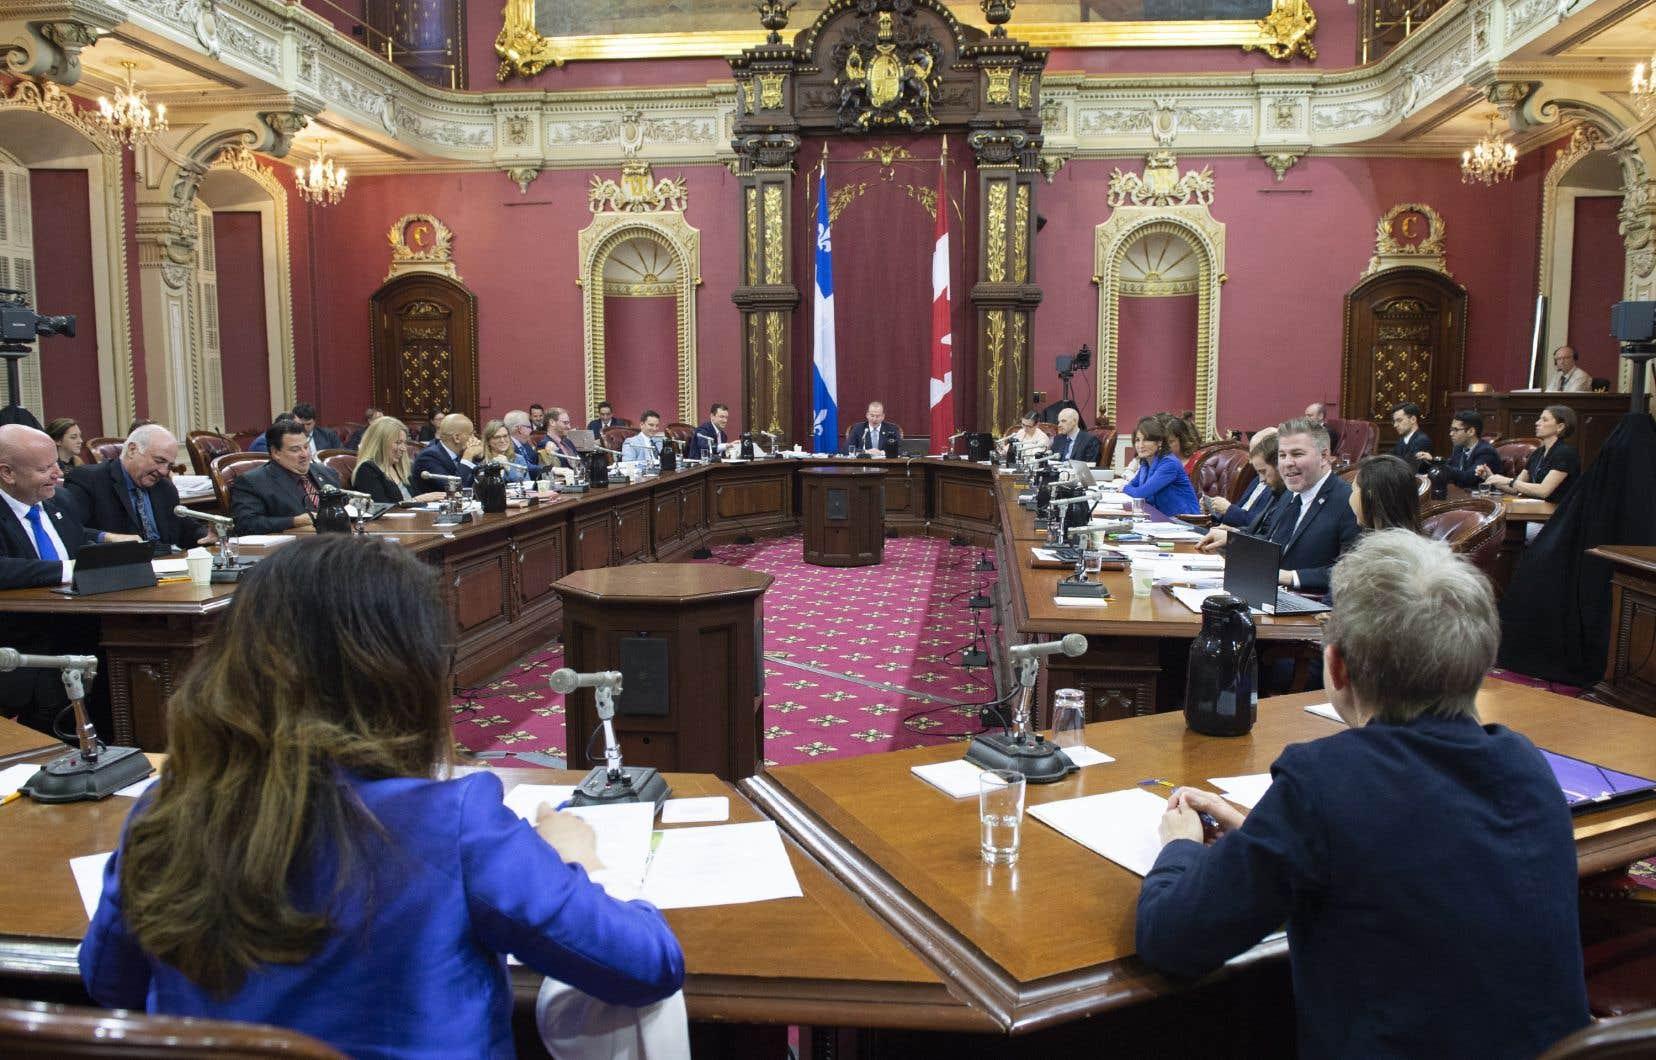 Deux autres témoignages seront entendus lors de la reprise des consultations mardi, soit celui de la mairesse de Montréal, Valérie Plante, et du sociologue Guy Rocher.